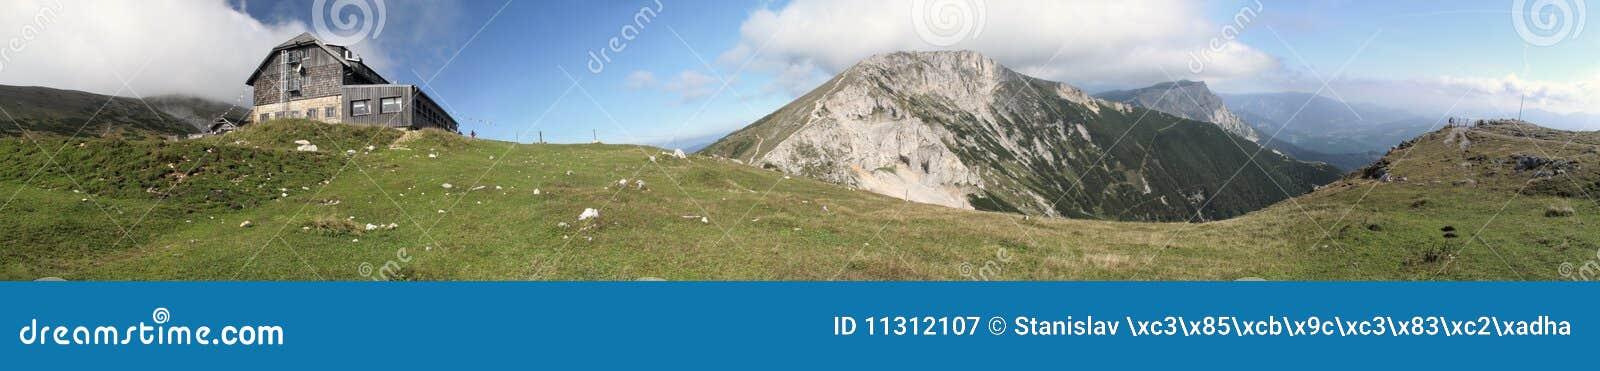 Gebirgshütte Karl-Ludwig in den Rax Alpen